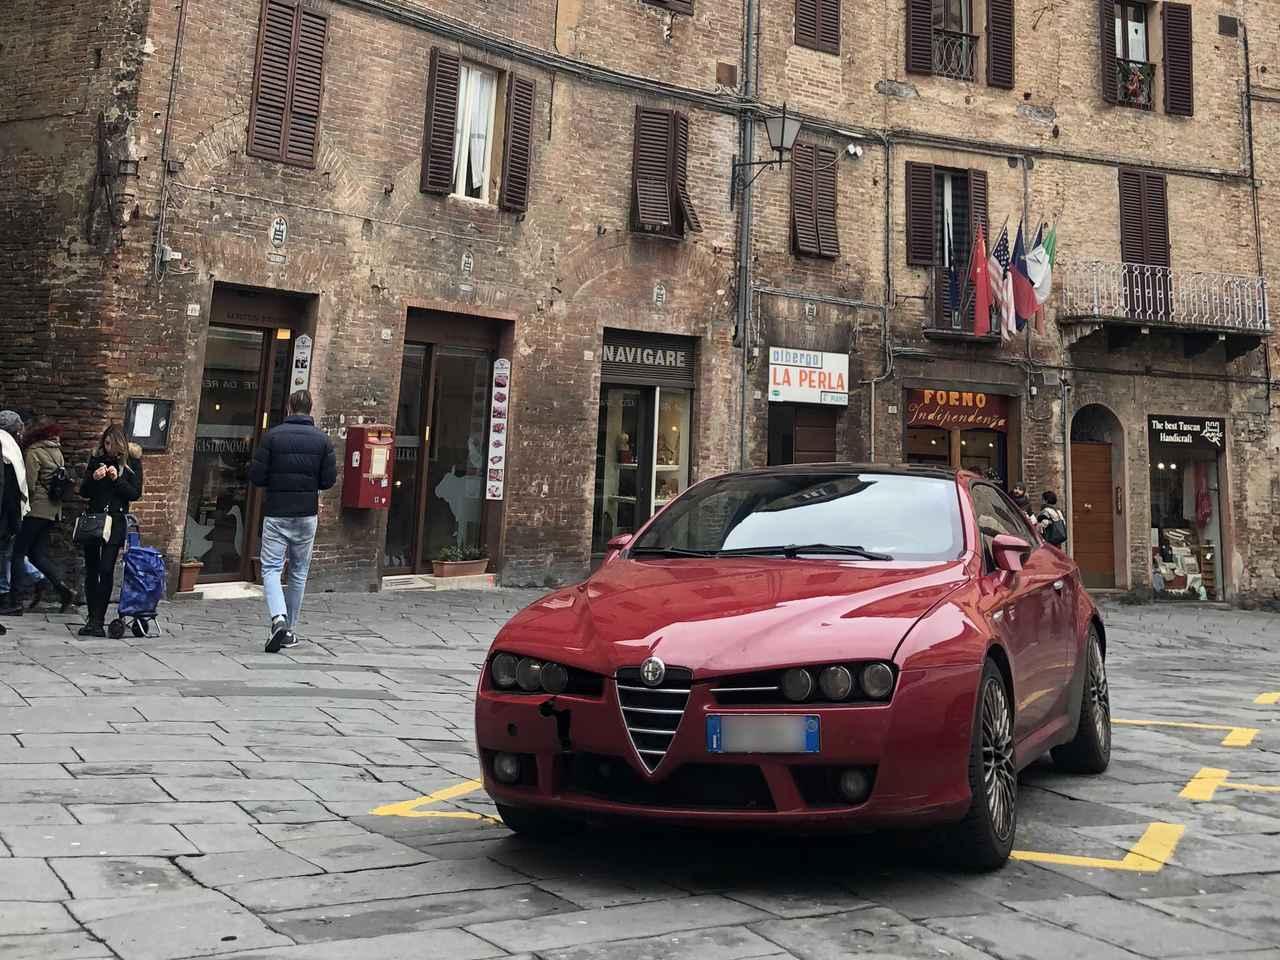 画像: アルファ・ロメオ・ブレラ(本文中の車両とは関係ありません)。2018年シエナにて撮影。